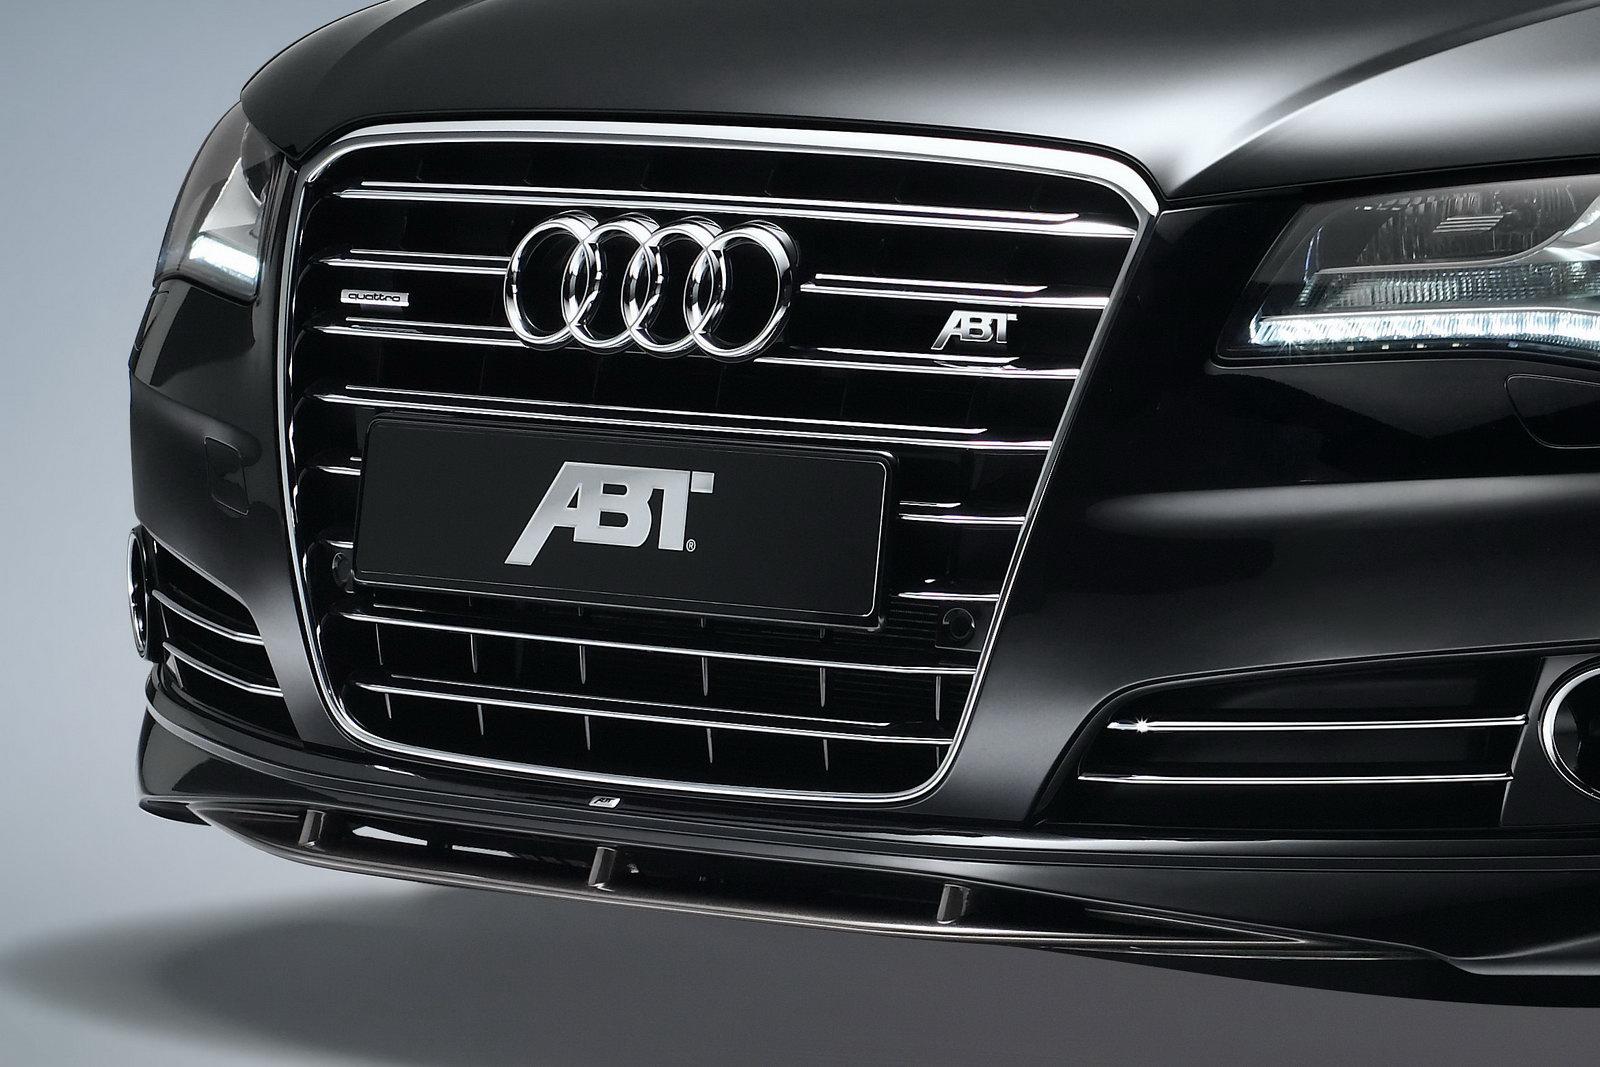 http://3.bp.blogspot.com/_FoXyvaPSnVk/TCOQzuWXHkI/AAAAAAAC_rM/Gh5XKN1KQuE/s1600/Audi-AS8-ABT-5.jpg